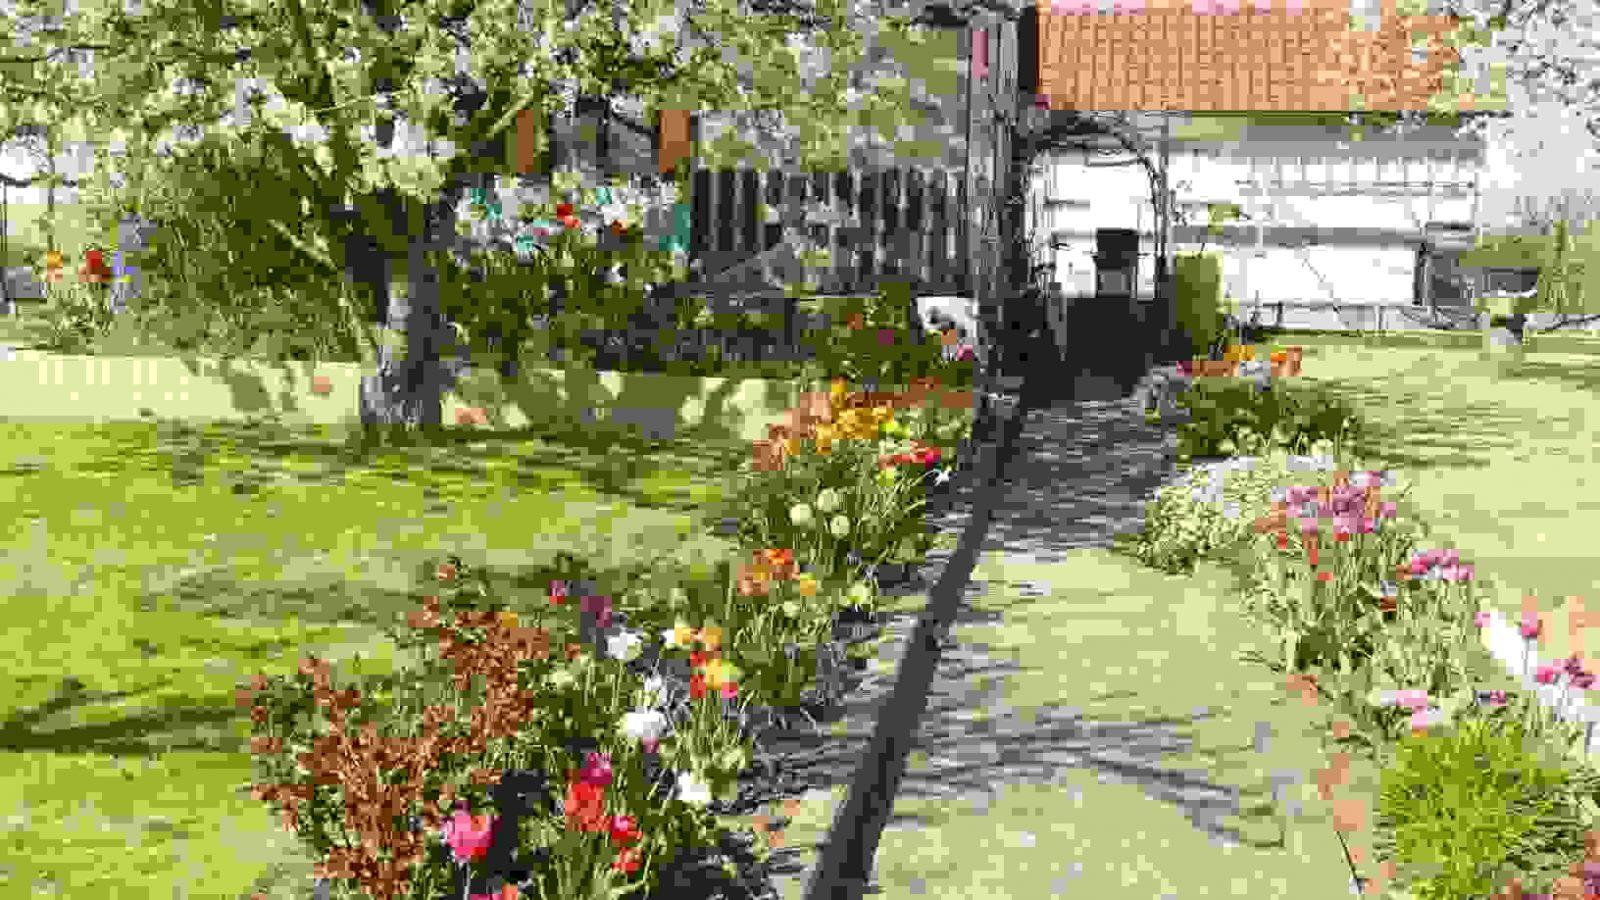 Ein Schöner Garten Im Frühjahr 2013 Ist Das Beste Von Ideen Von Mein von Gartenfotos Mein Schöner Garten Photo